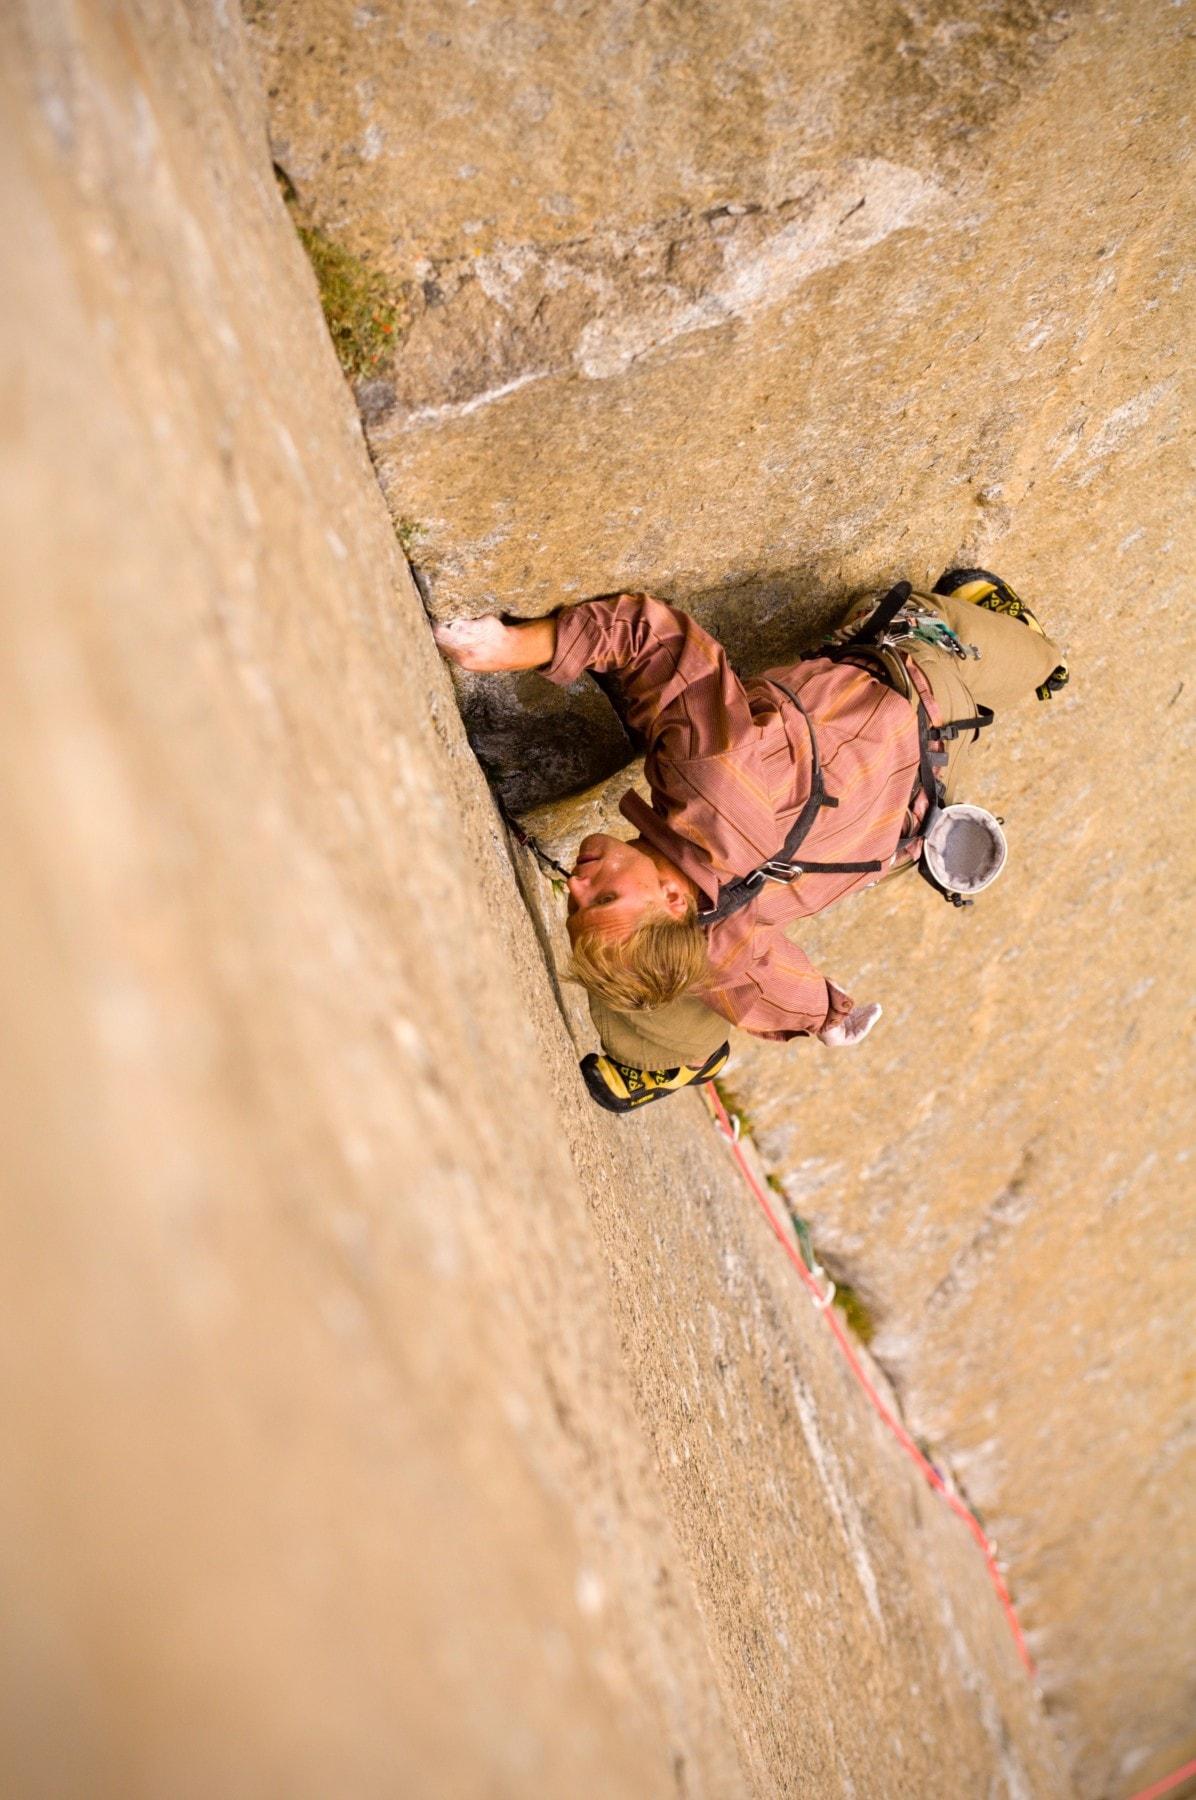 Justen Sjong on The Free Muir 5.13c El Capitan, Yosemtie NP CA